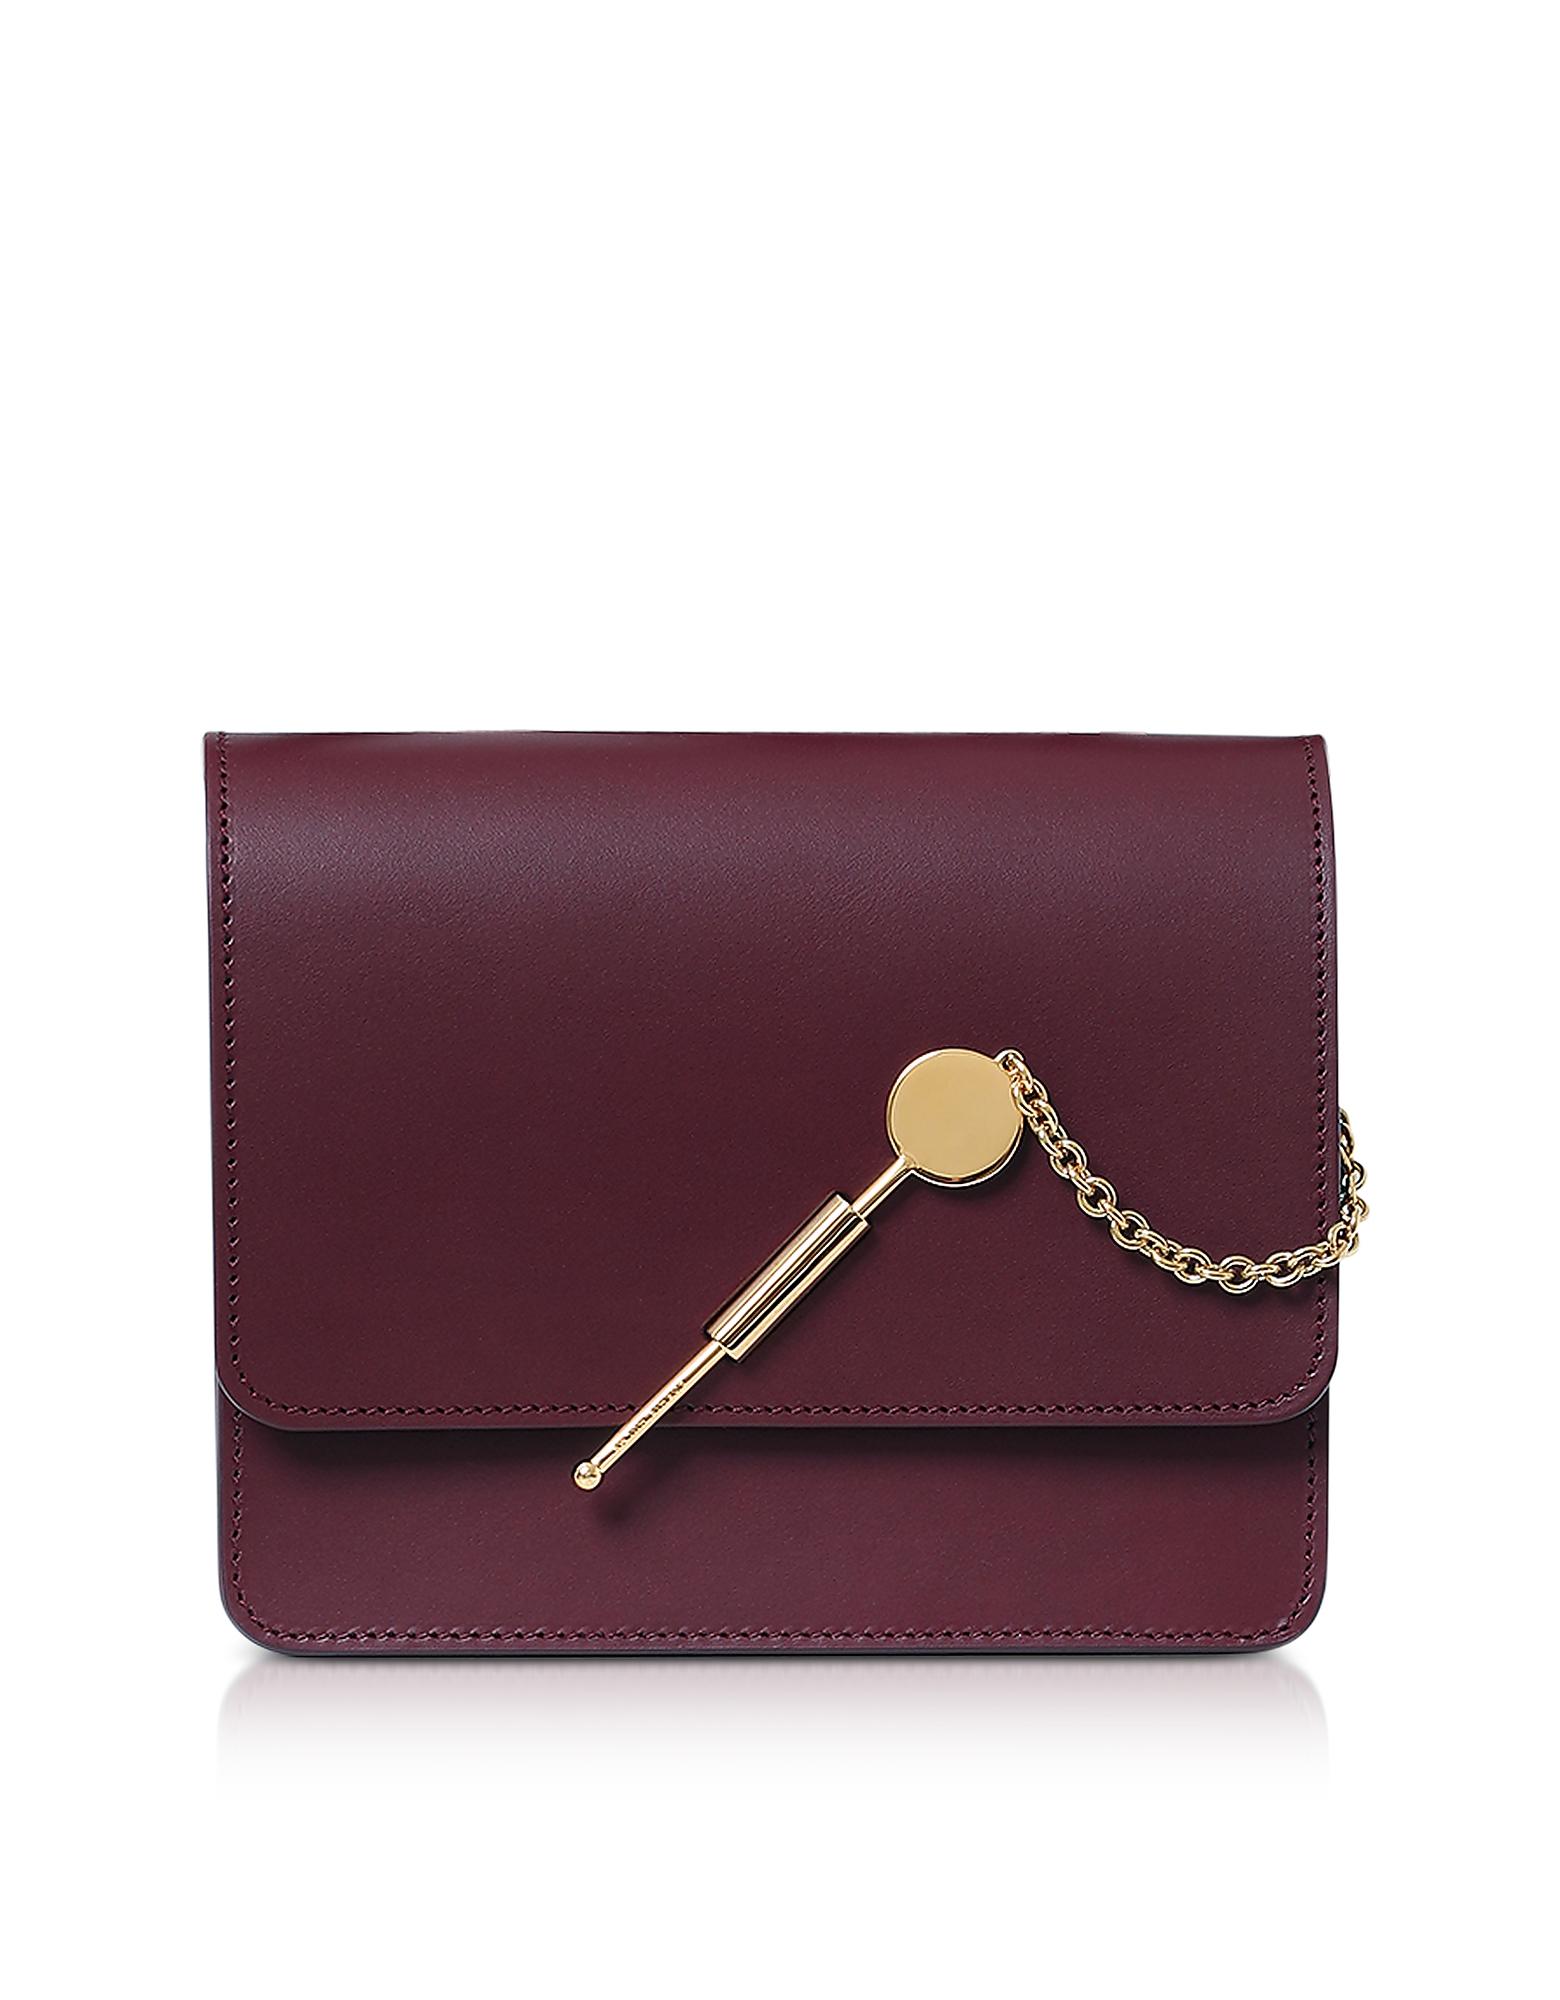 SOPHIE HULME | Sophie Hulme Designer Handbags, Large Cocktail Stirrer Bag | Goxip